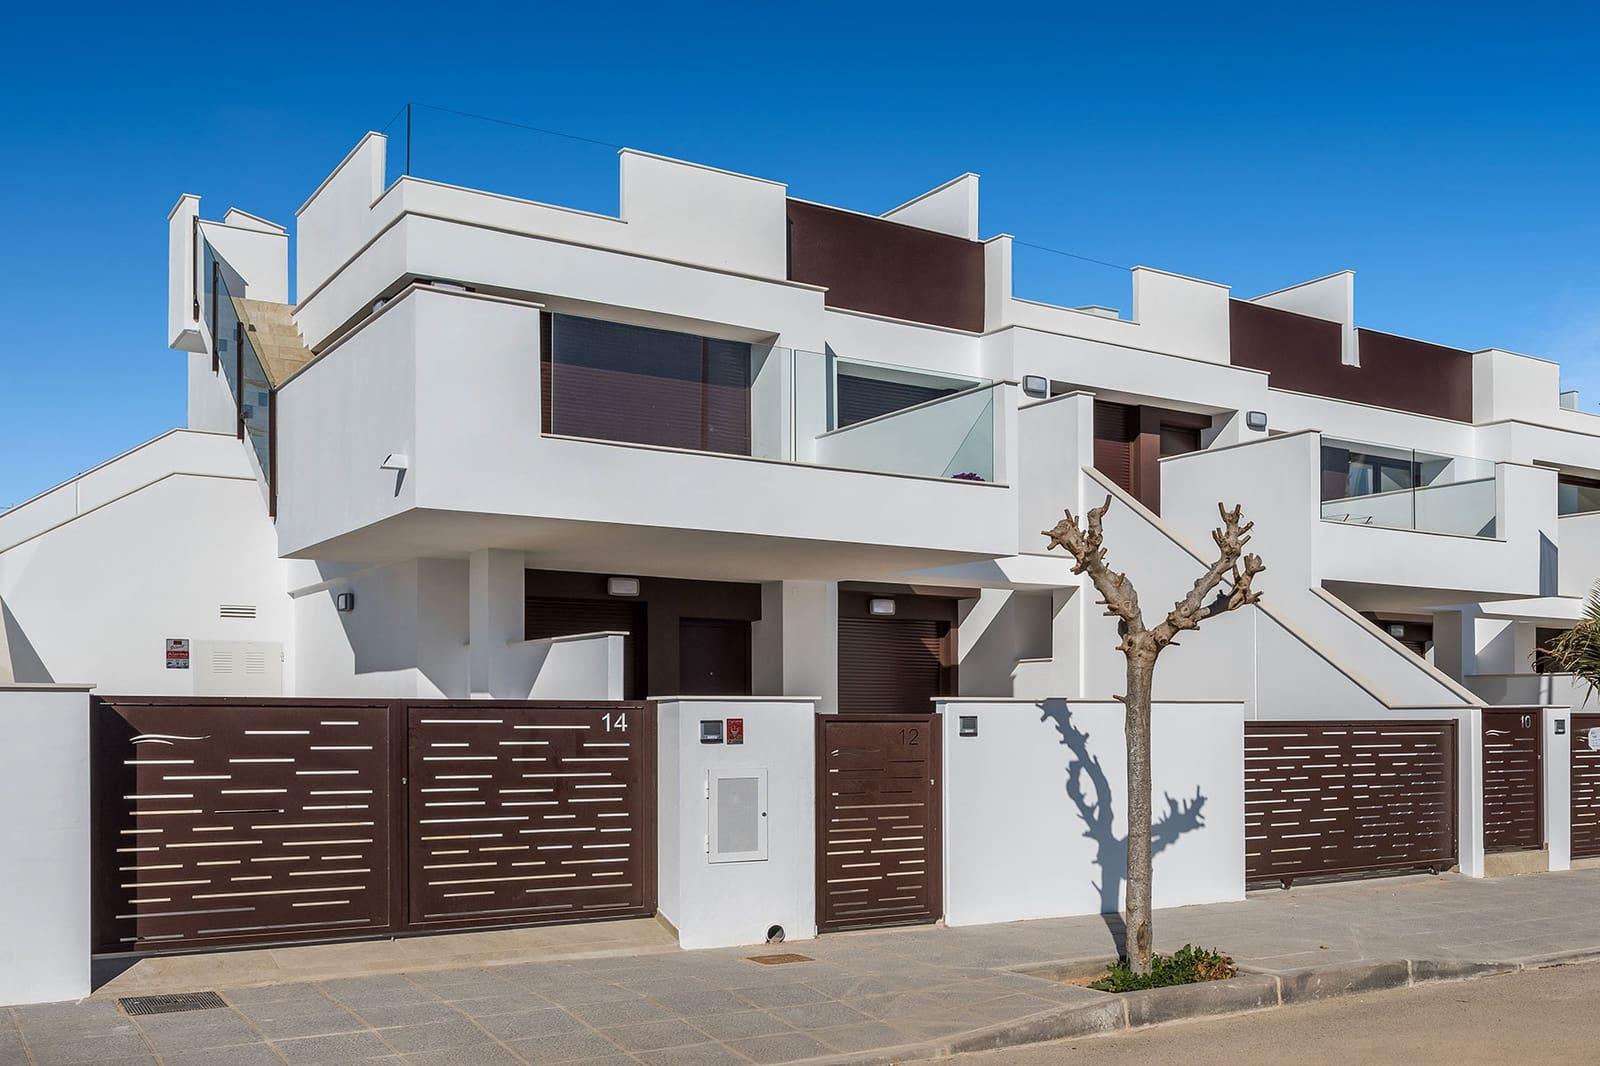 Apartamento de 2 habitaciones en Pilar de la Horadada en venta con piscina - 249.900 € (Ref: 4884632)